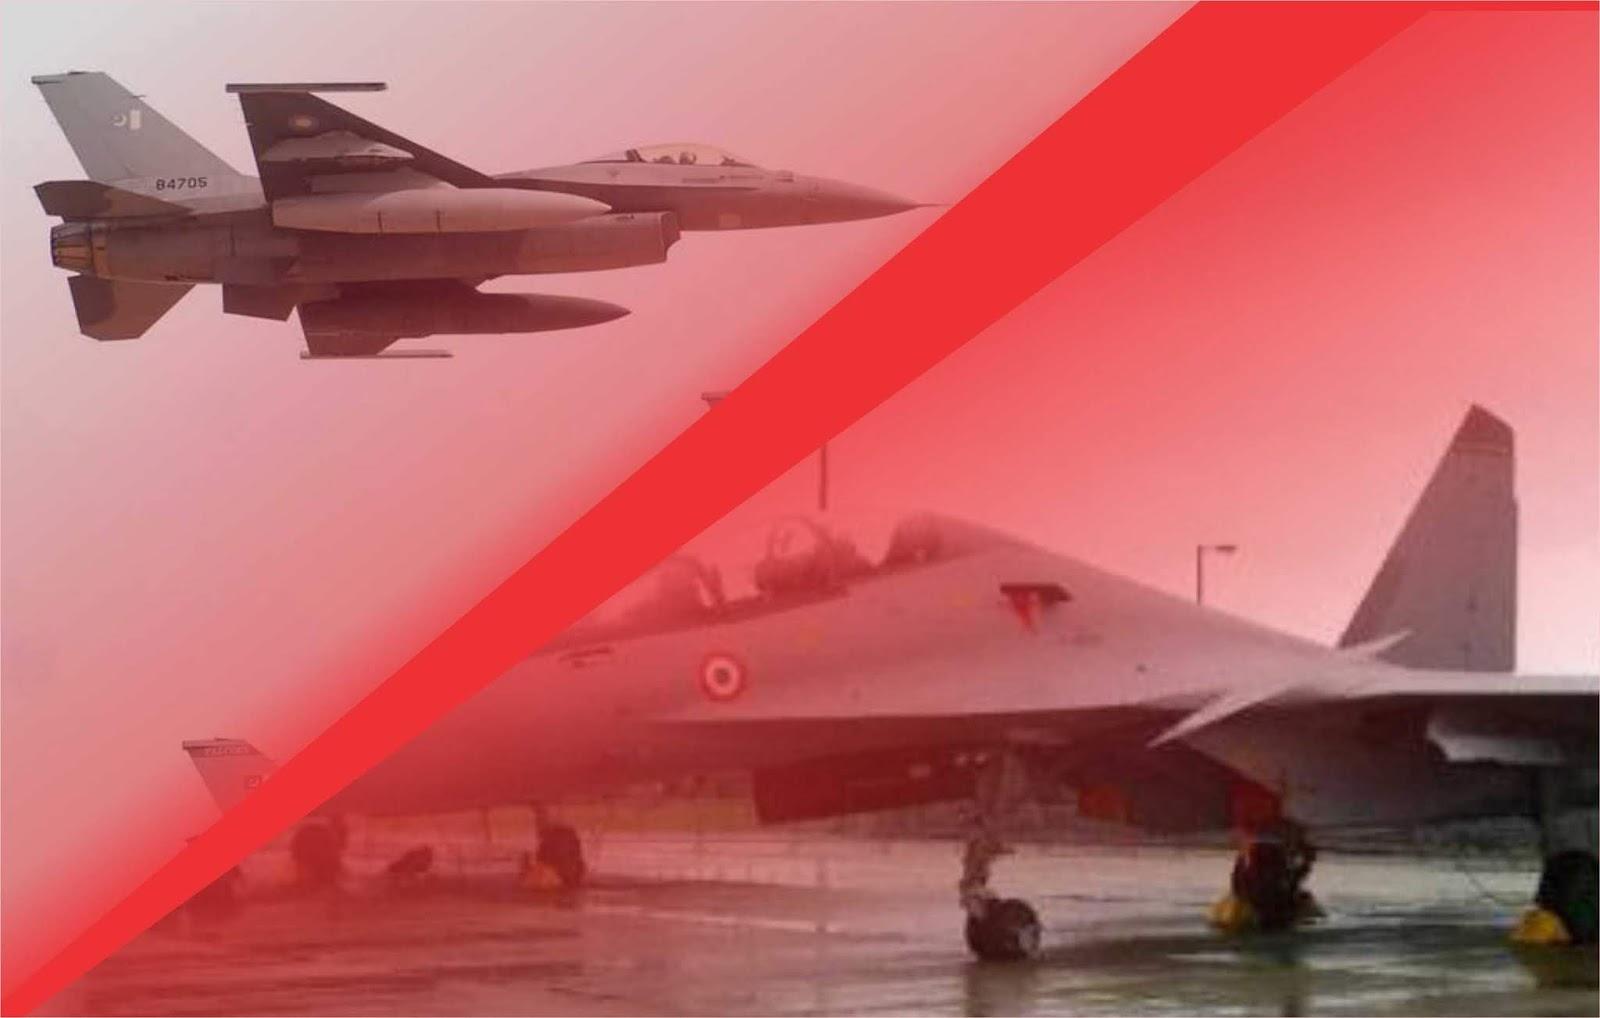 Opini - Rincian pertempuran udara di perbatasan India-Pakistan